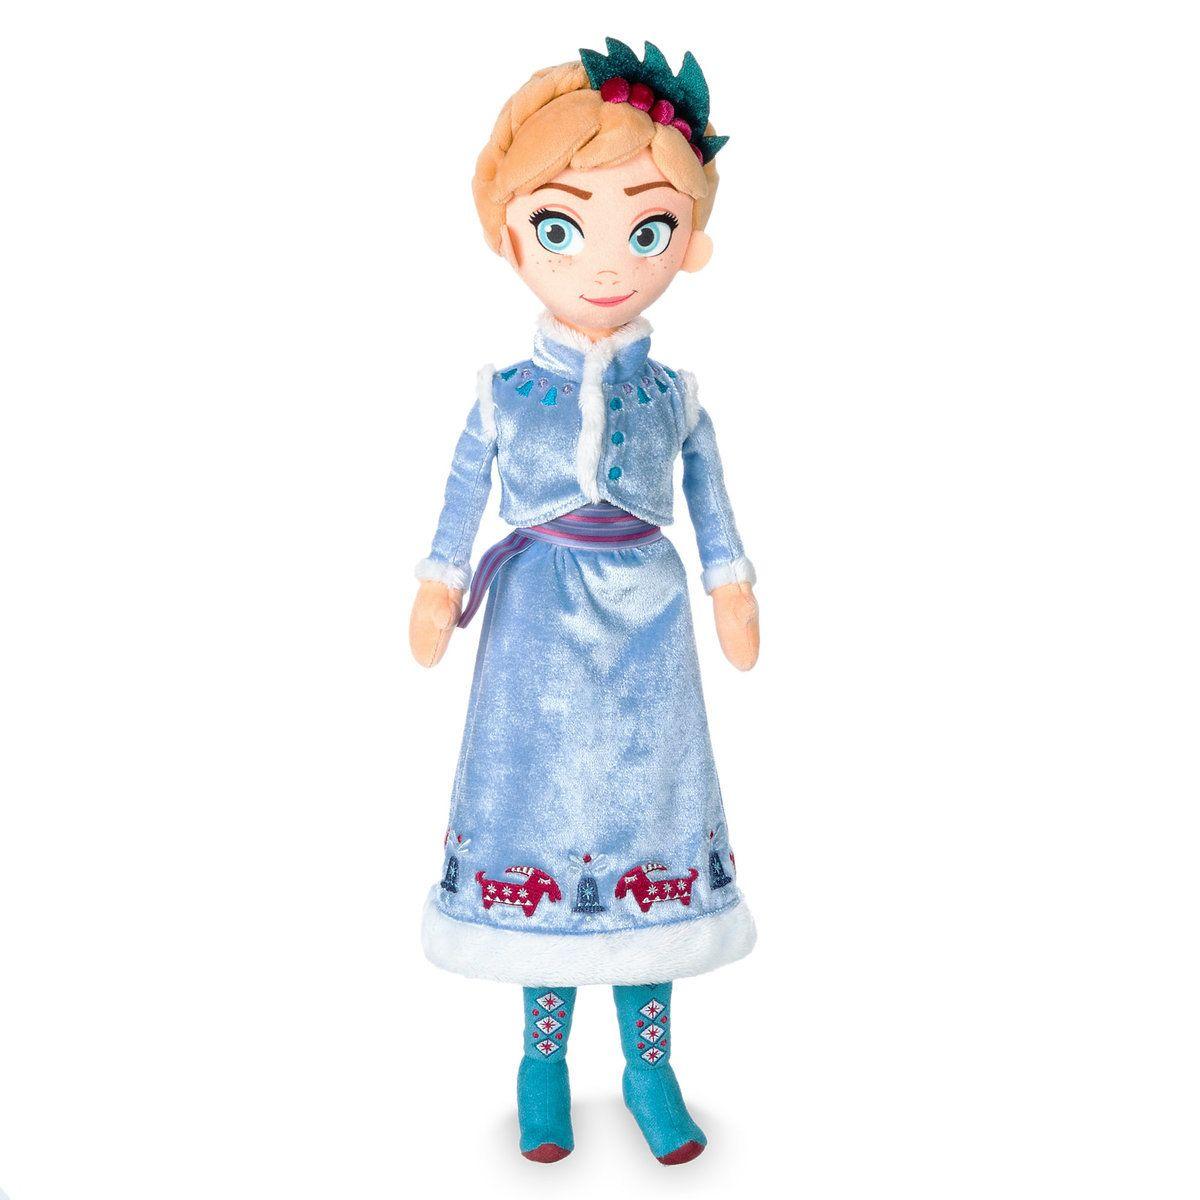 Анна плюшевая кукла Дисней  - Olaf's Frozen Adventure